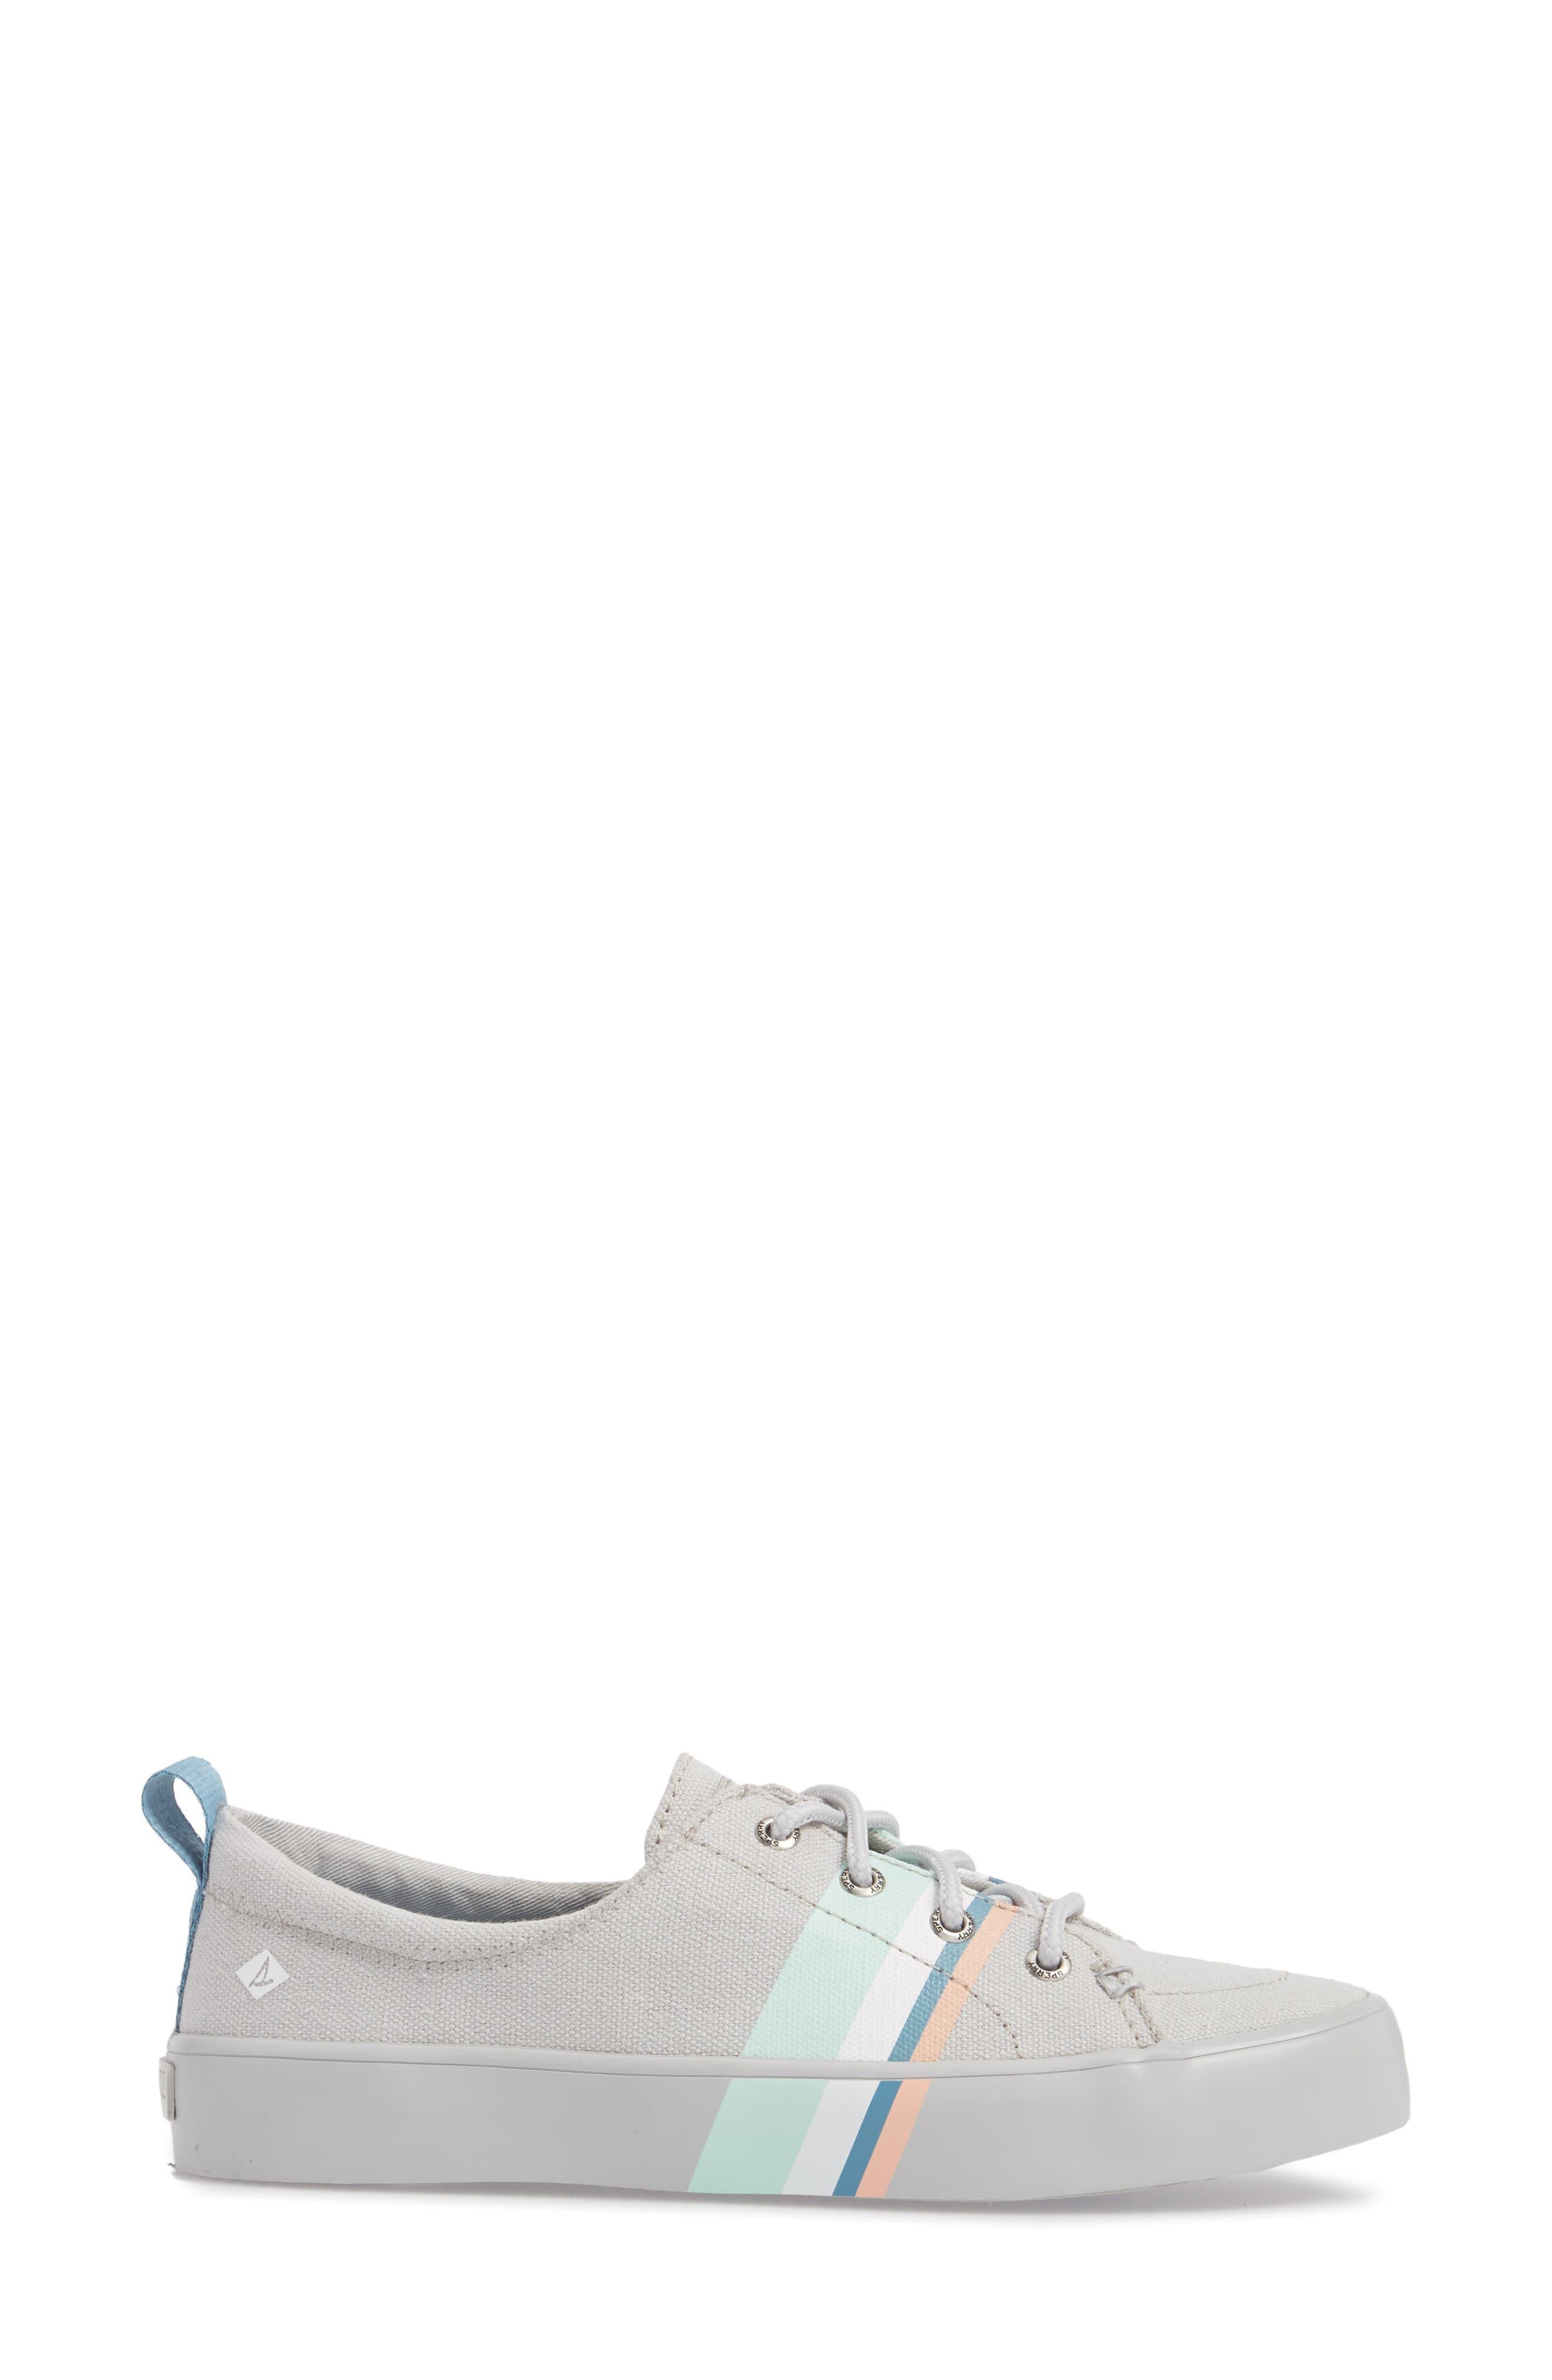 Crest Vibe Slip-On Sneaker,                             Alternate thumbnail 3, color,                             050